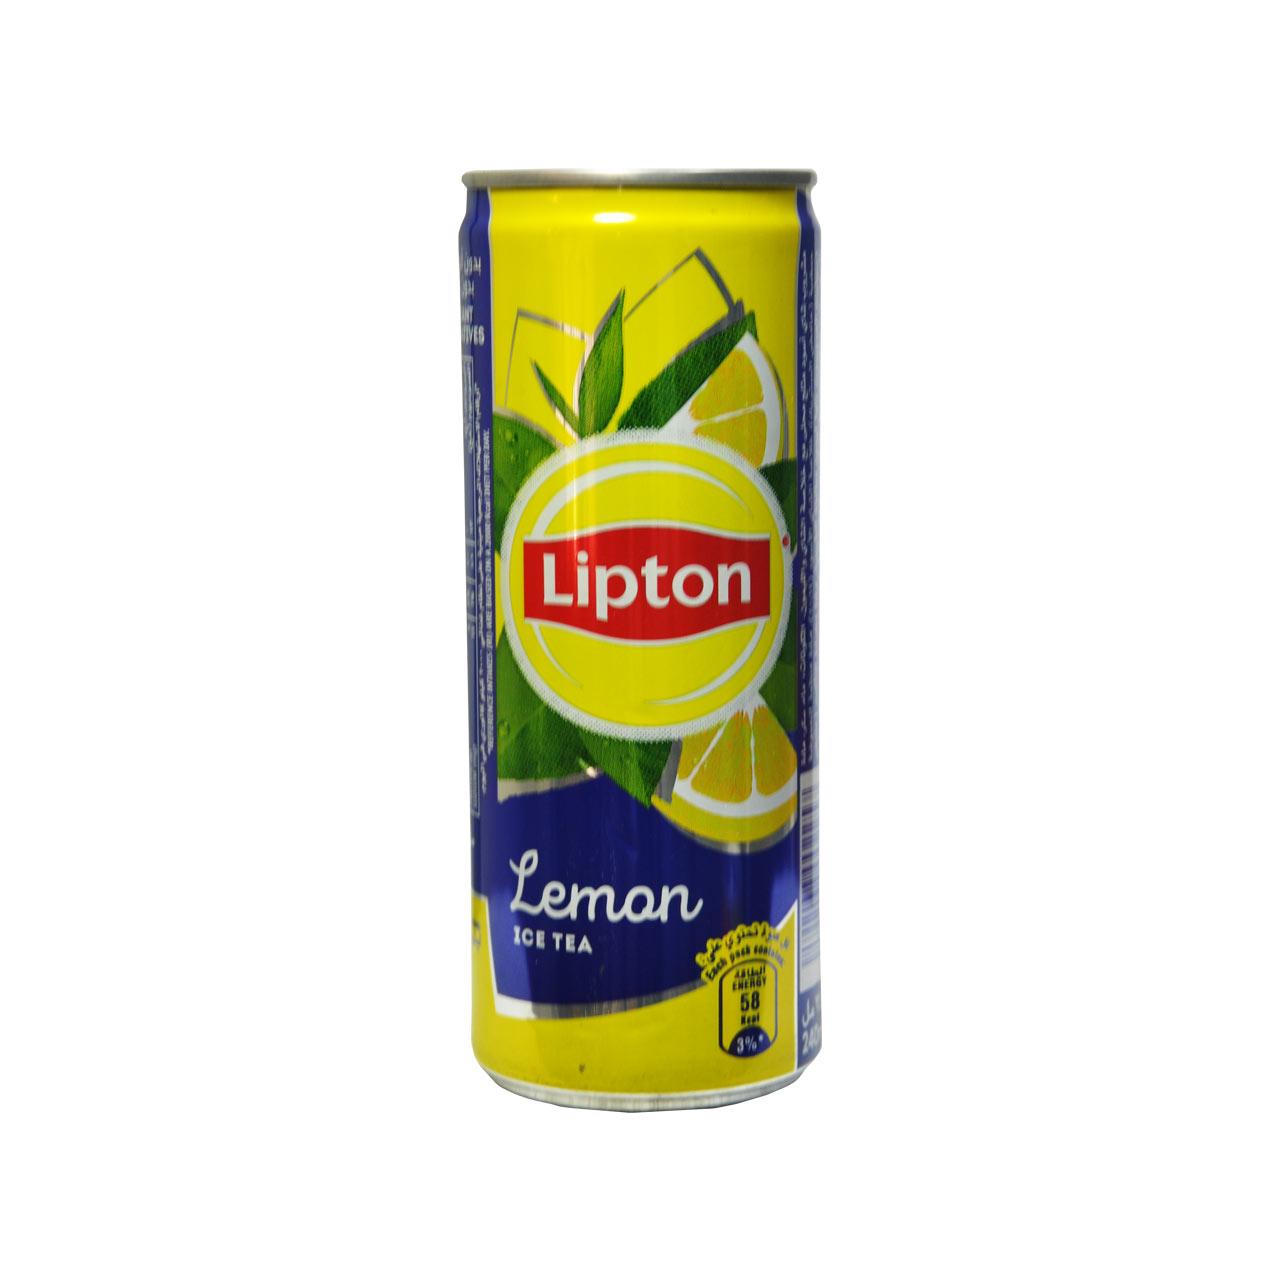 نوشیدنی آیس تی با طعم لیمو لیپتون – lipton